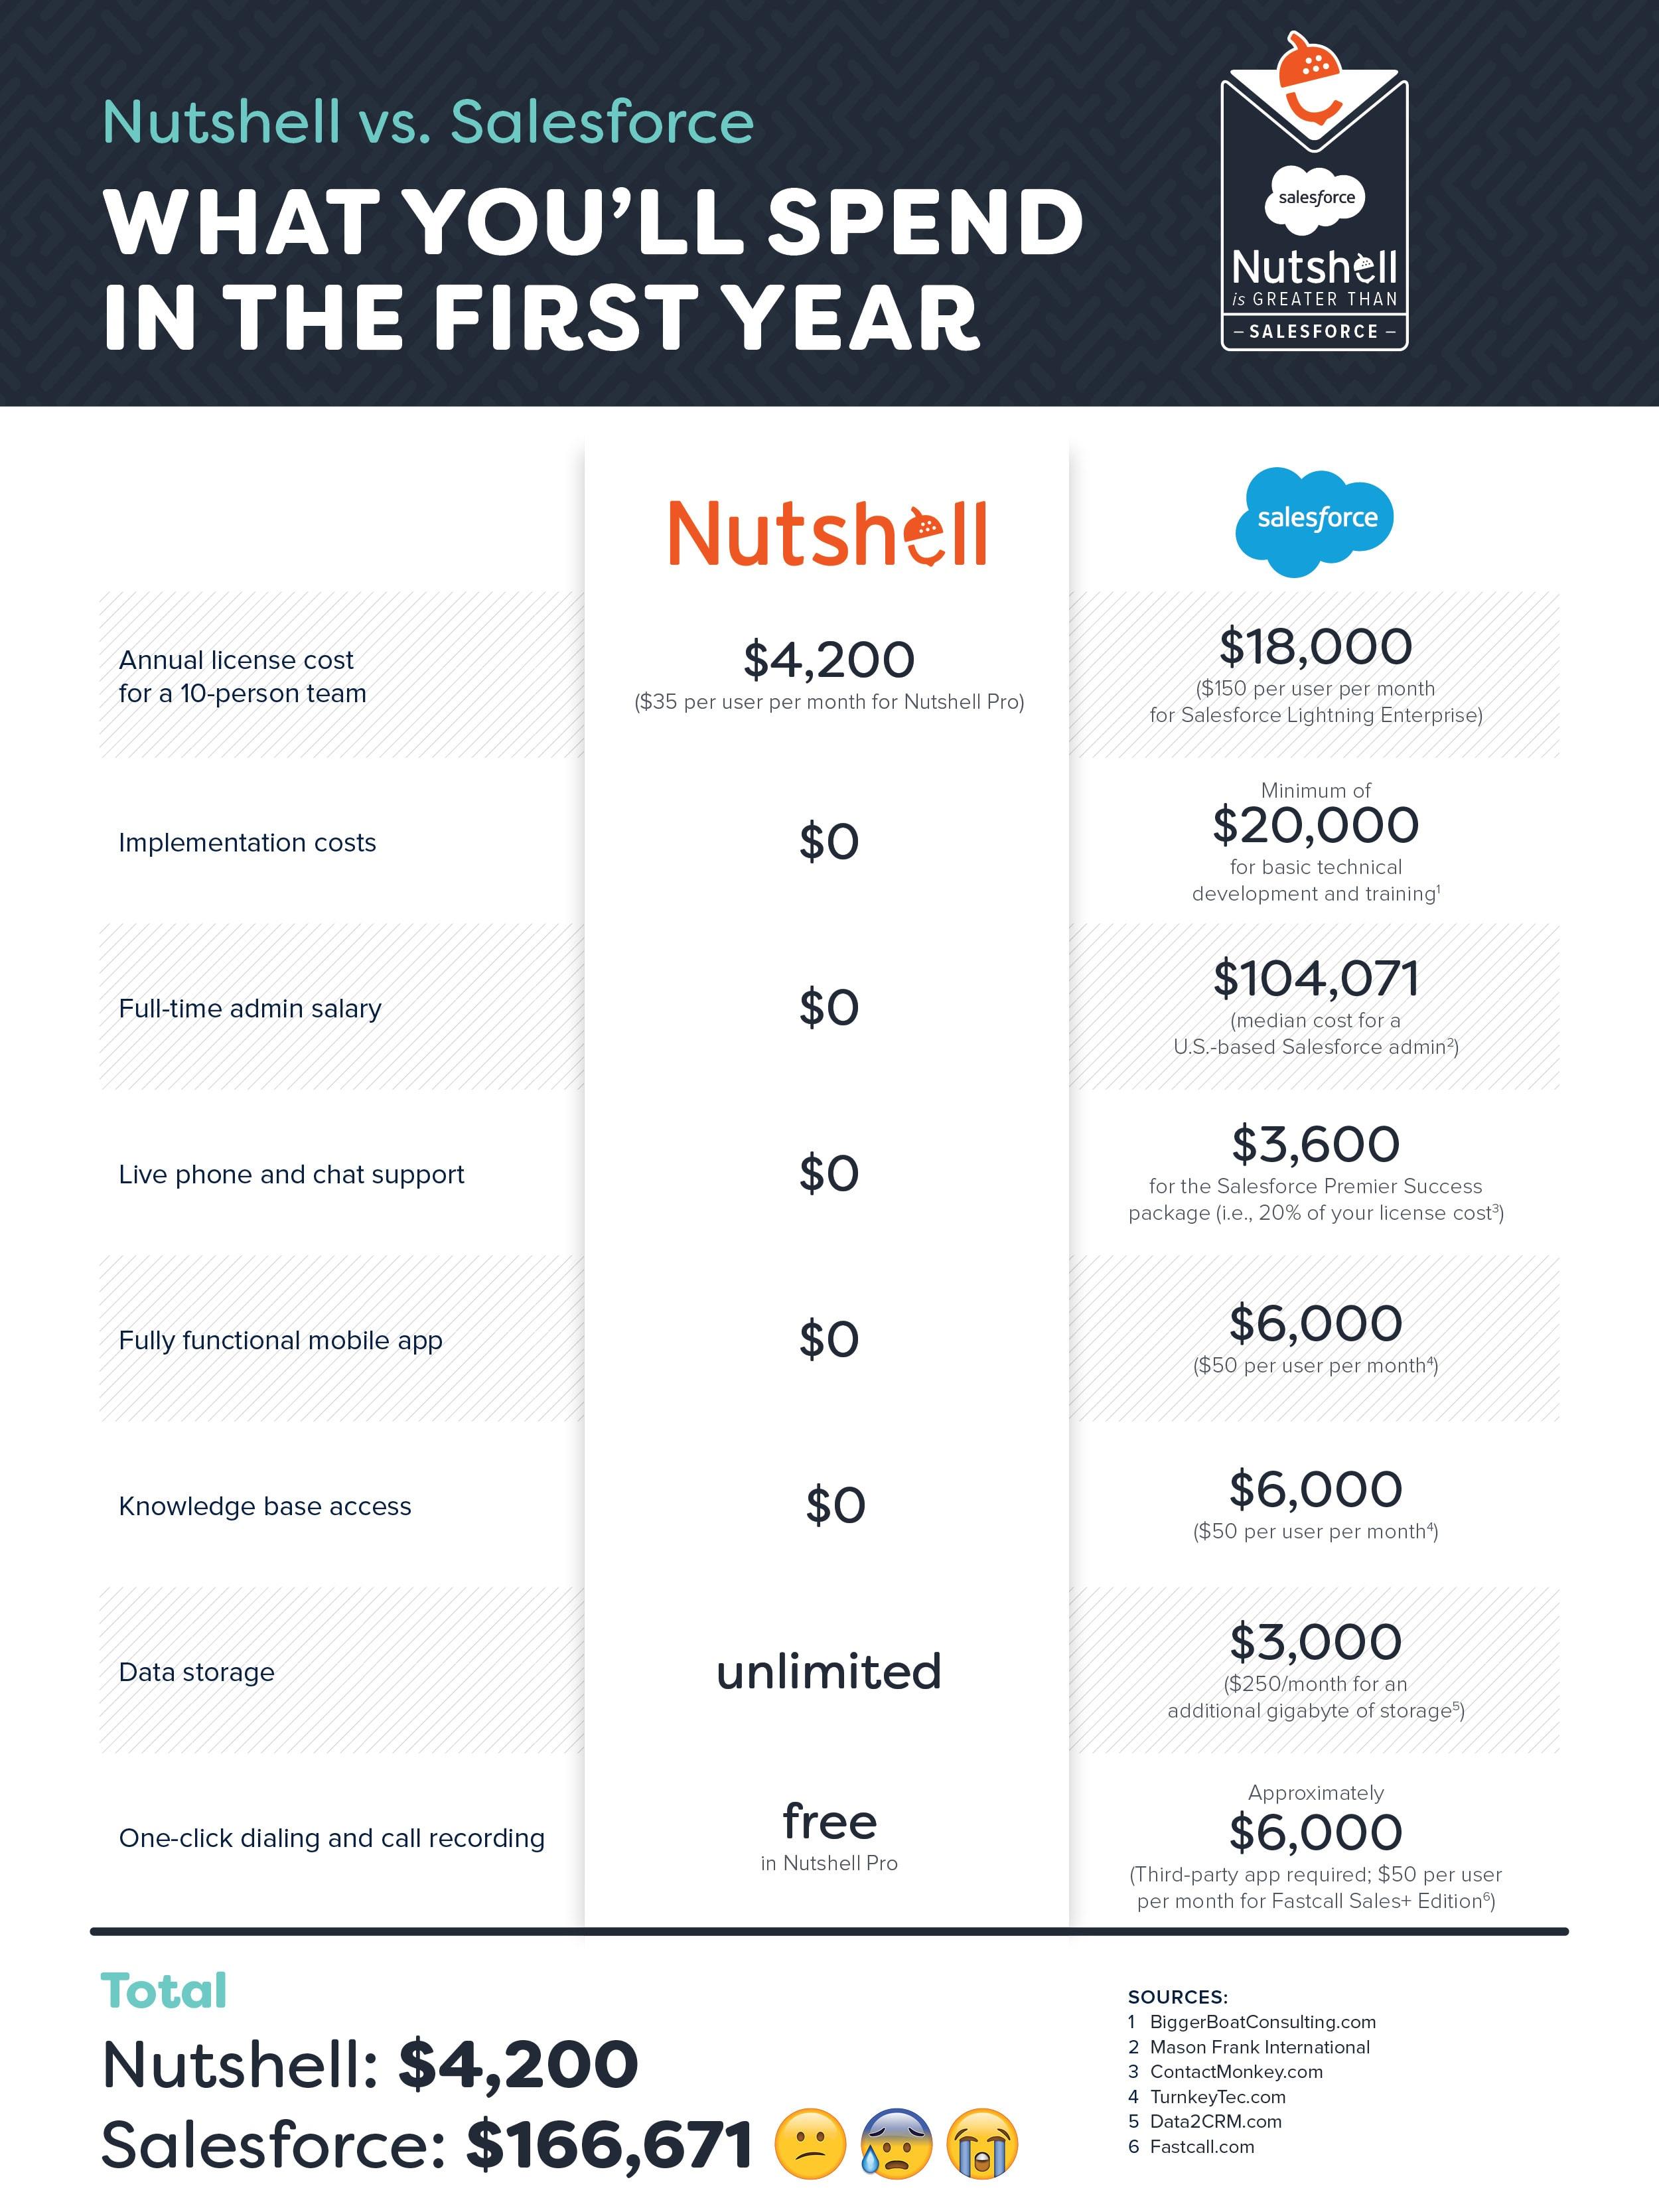 nutshell vs. salesforce crm cost comparison salesforce sucks